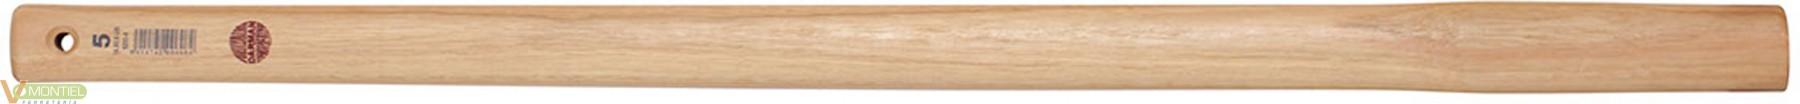 Mango maza 900mm 36-90-3-0